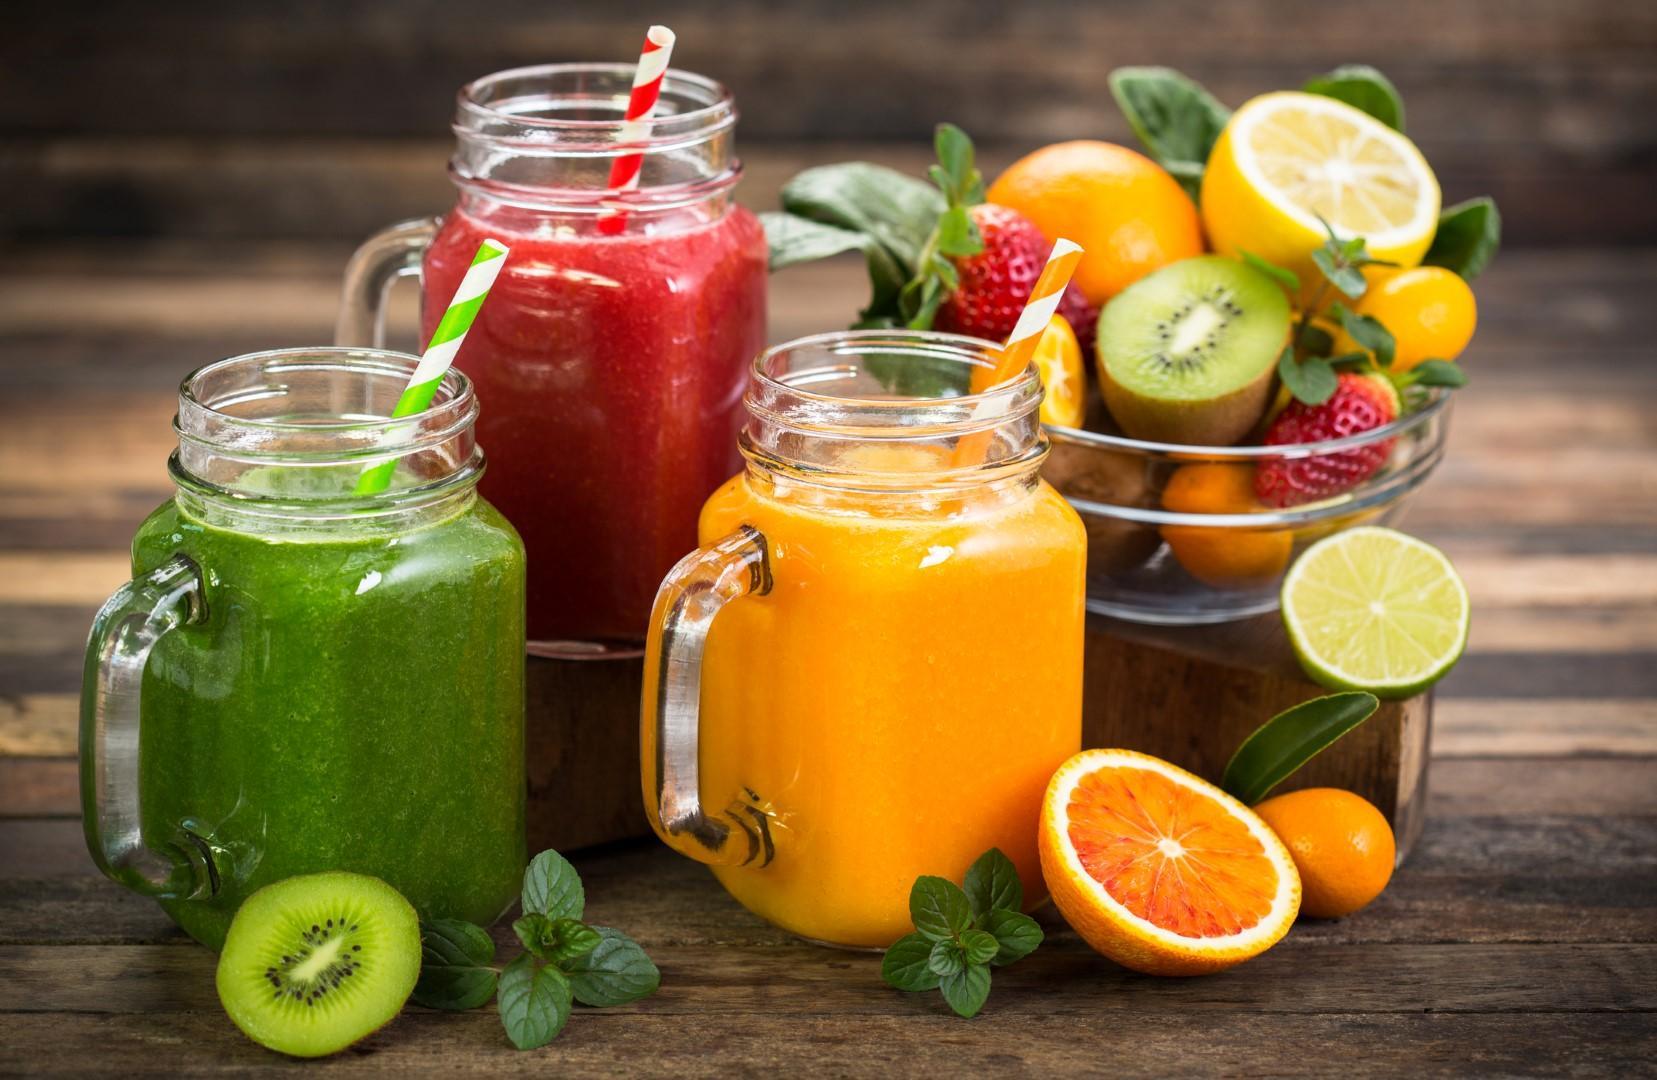 Frutta: mettiamola nel bicchiere